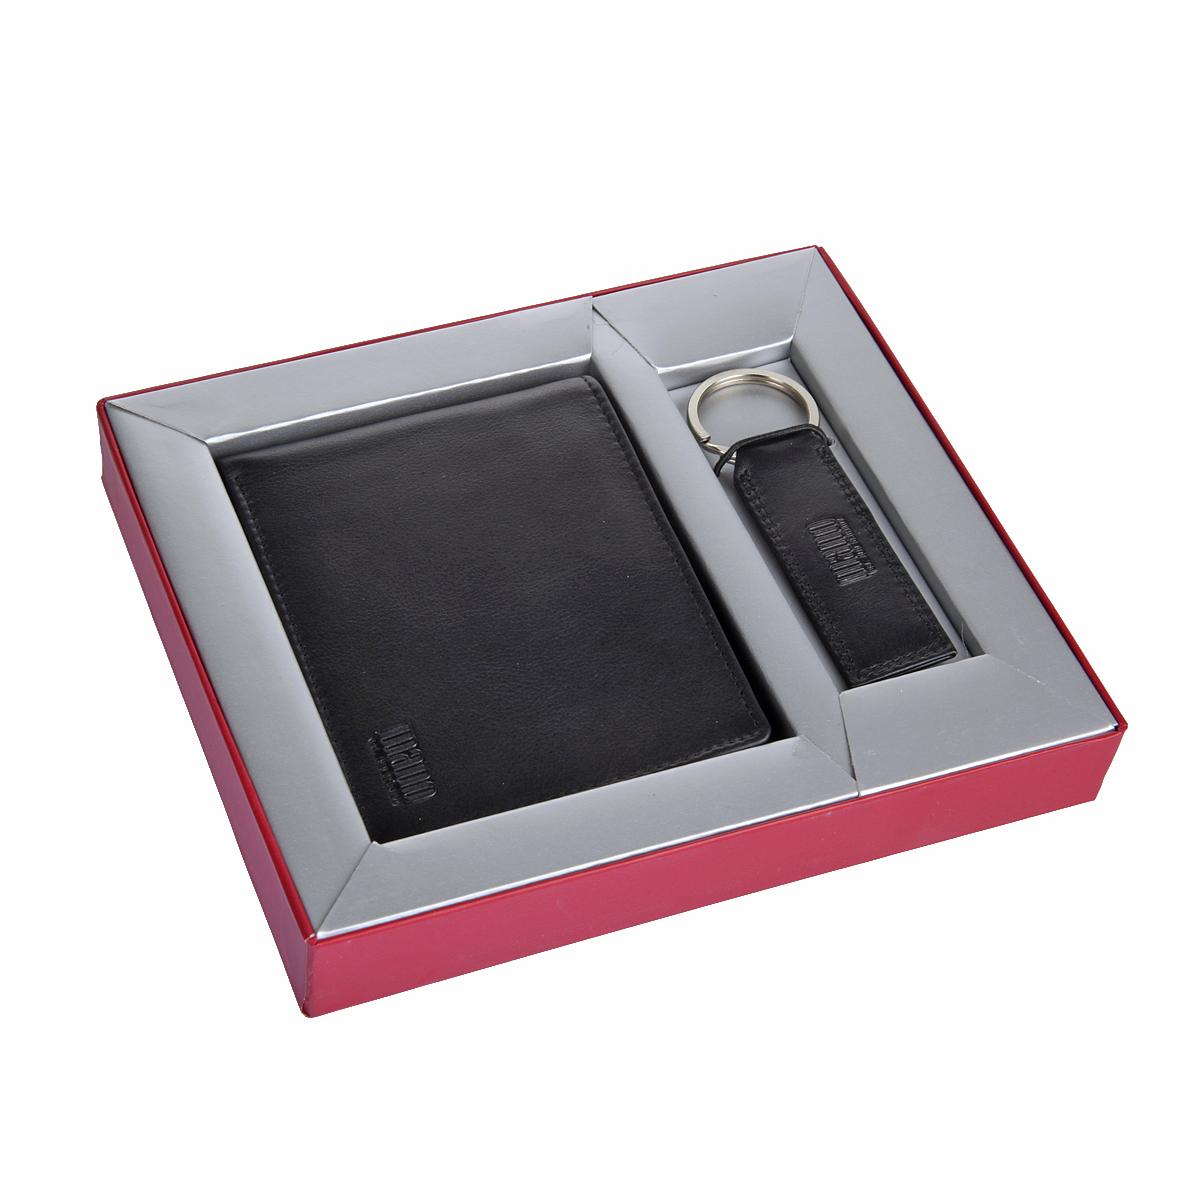 Комплект аксессуаров Mano, цвет: черный. 19031ERJAA03224-WBT0Комплект Mano состоит из портмоне и брелока. Портмоне раскладывается пополам,внутри два отдела для купюр, карман для мелочи на кнопке, потайной карман, четыре кармана для документов, сетчатый карман, восемь кармашков для пластиковых карт. Размеры портмоне 10 см х 12,5 см х 3 см. Брелок оснащен кольцом для ключей. Размеры брелока 10,5 см х 3 см.